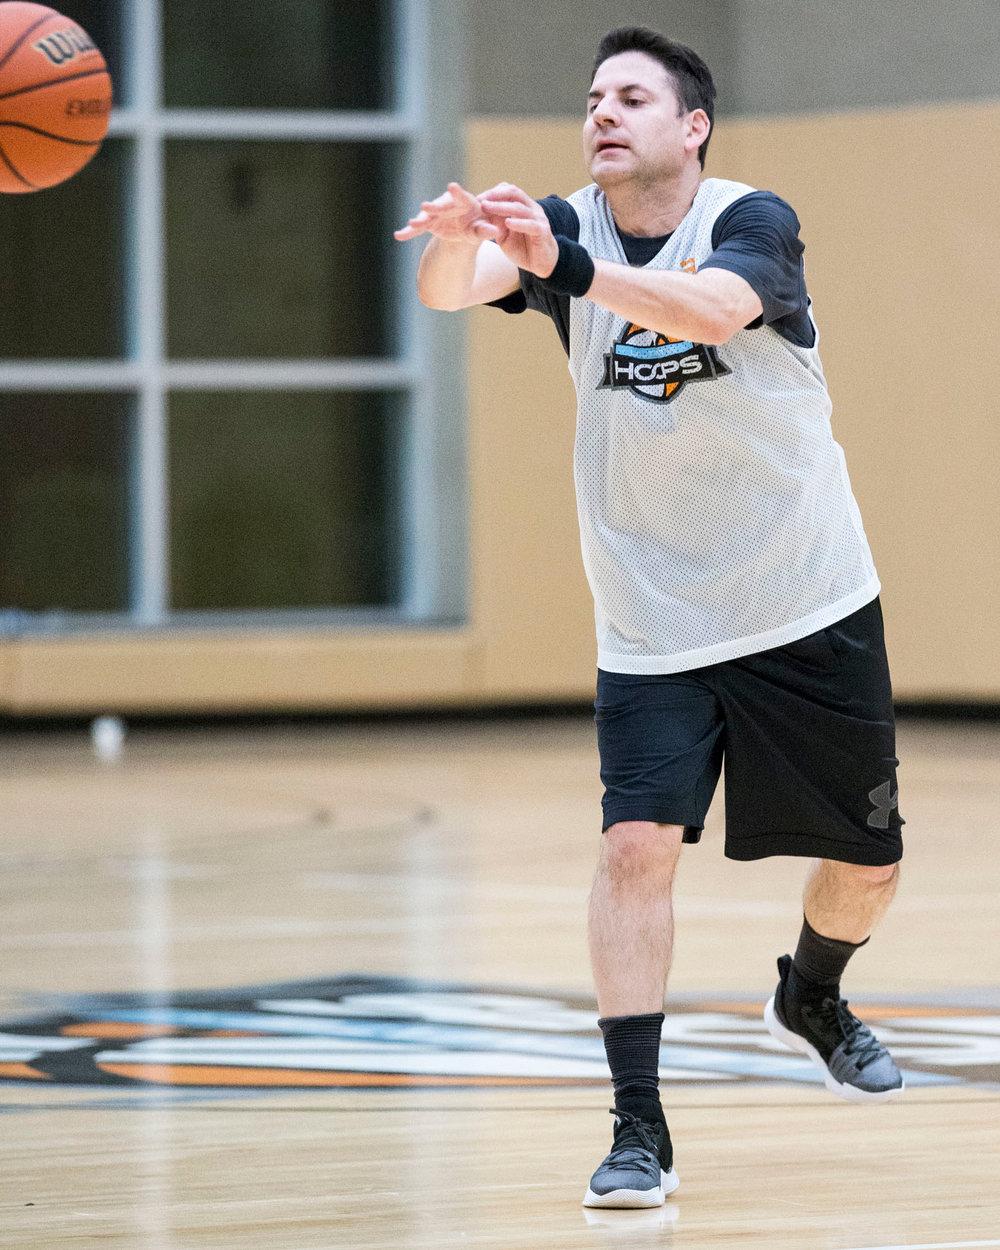 Mike Slaten of Ball Up (Previews).jpg